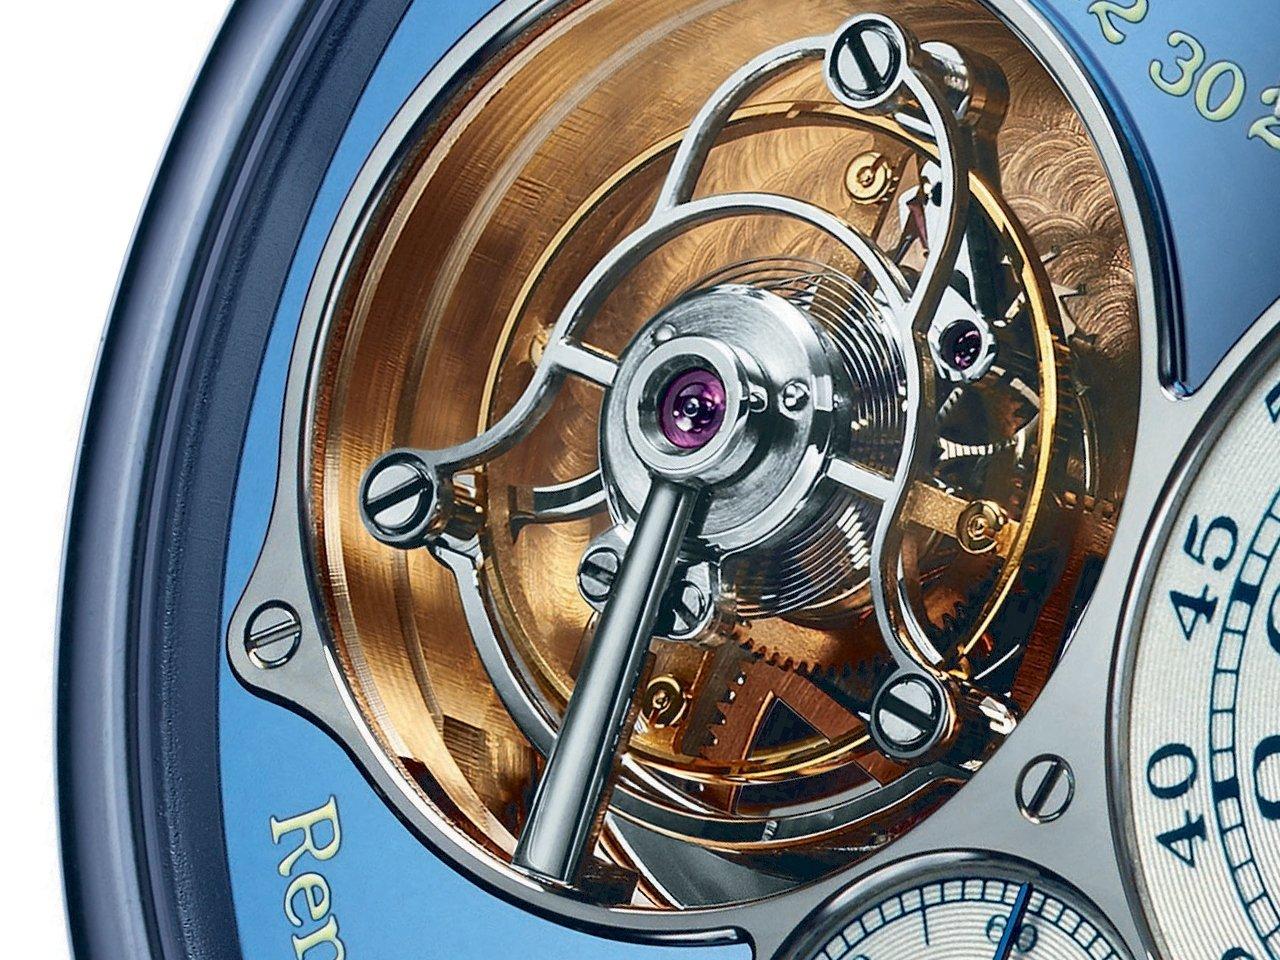 f-p-journe-tourbillon-souverain-bleu-only-watch-2015-0-100-12